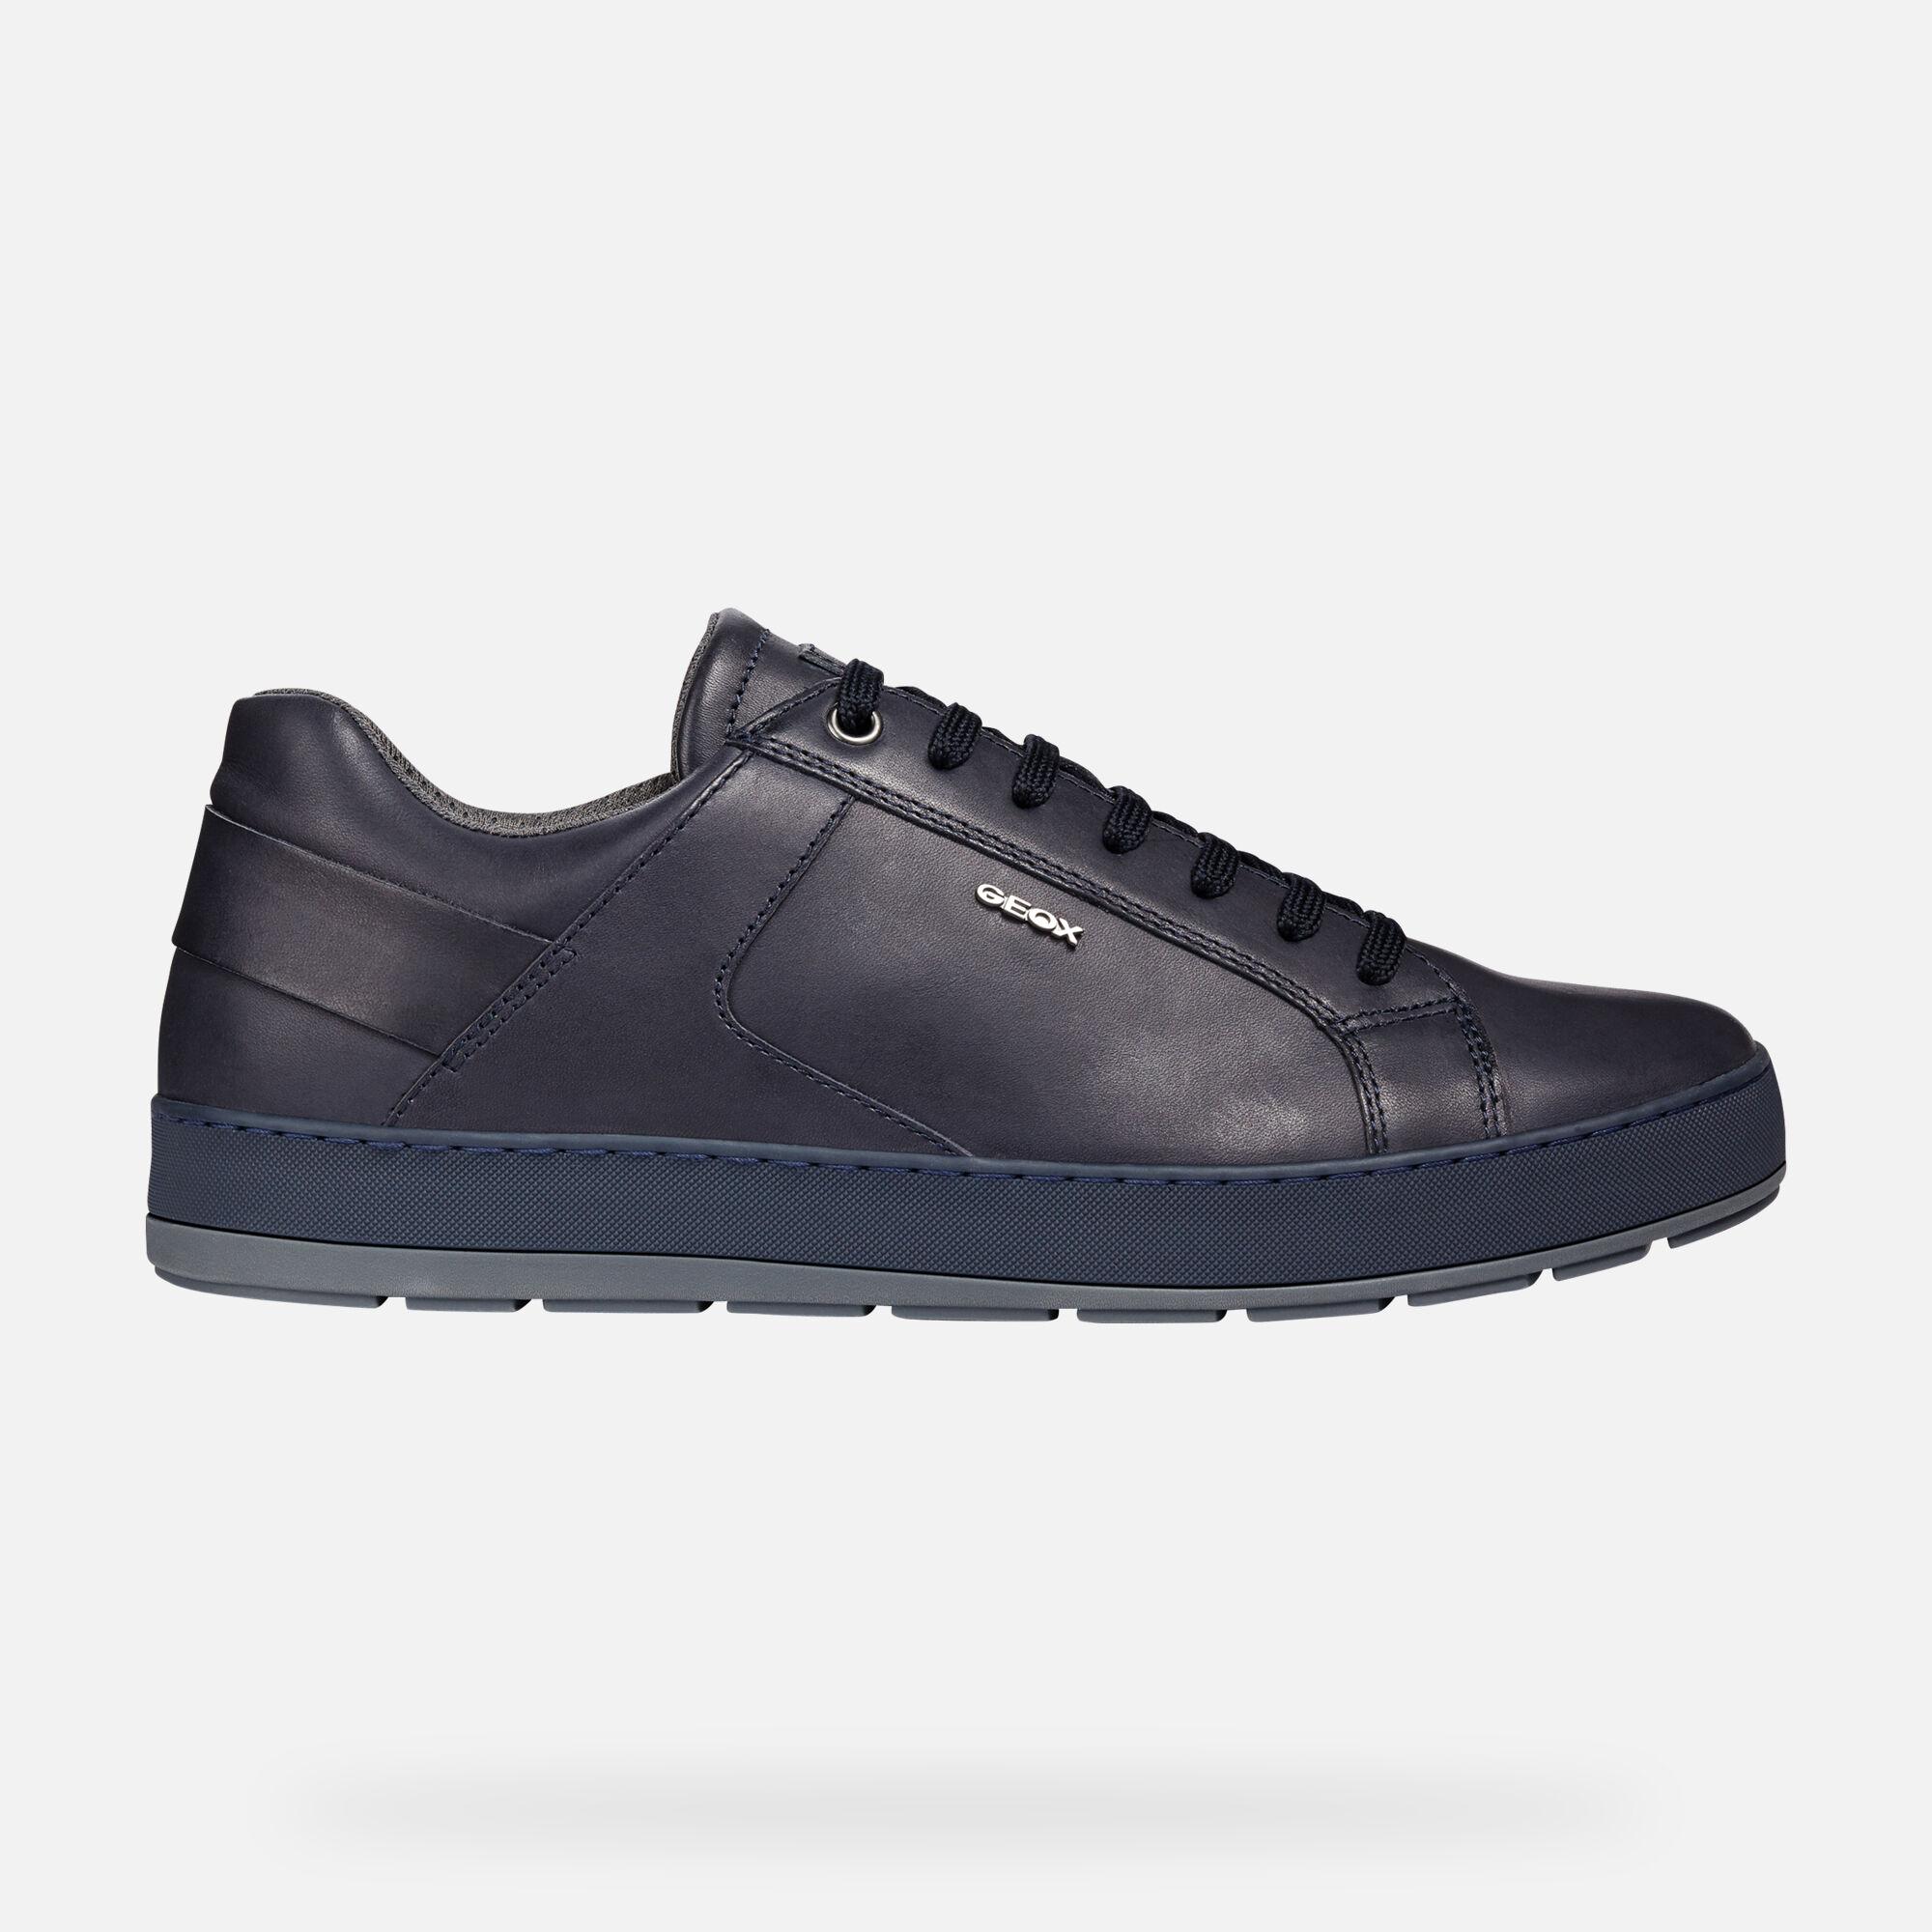 ariam low top von herren geox  Neue Geox Navy Sneakers Herren Verkauf P 184 #1